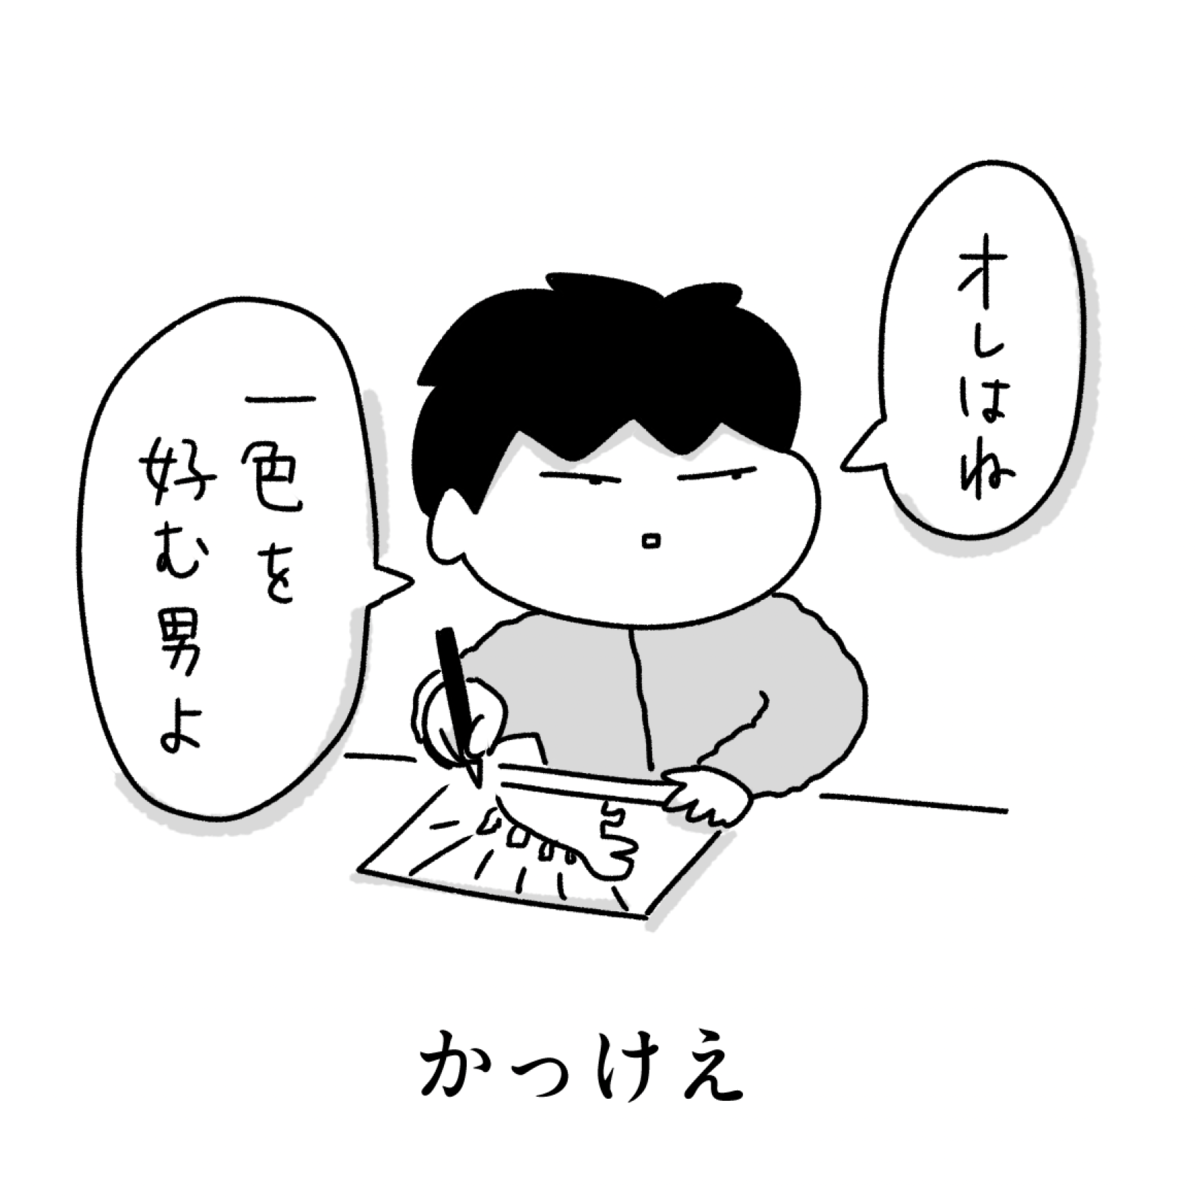 f:id:chokko_san:20210115173556p:plain